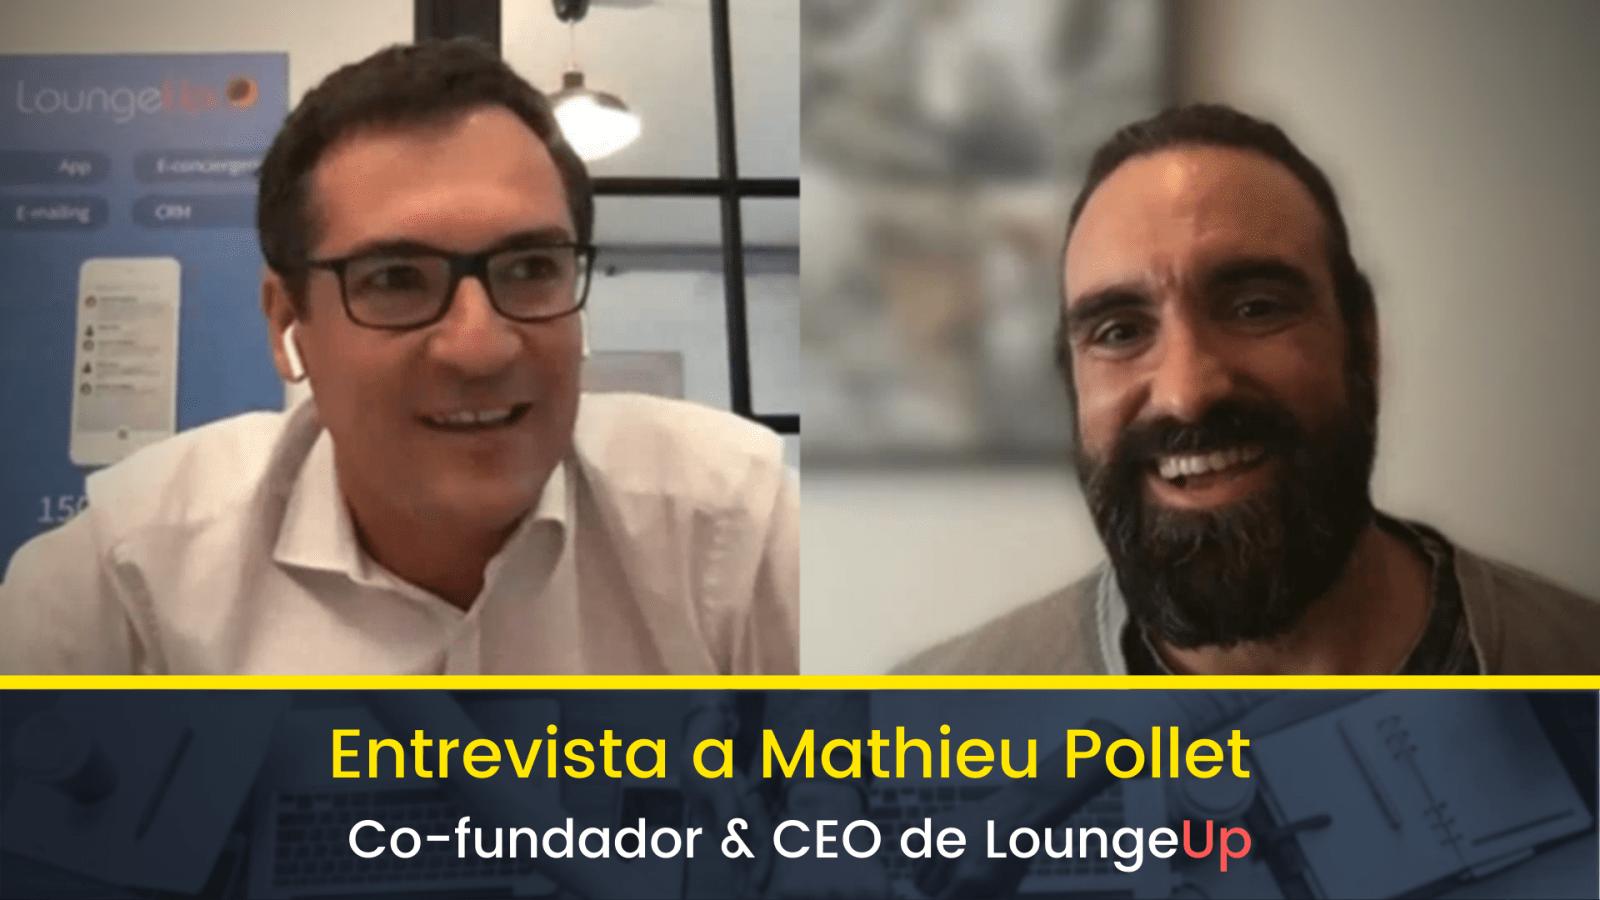 Entrevista a Mathieu Pollet de LoungeUP